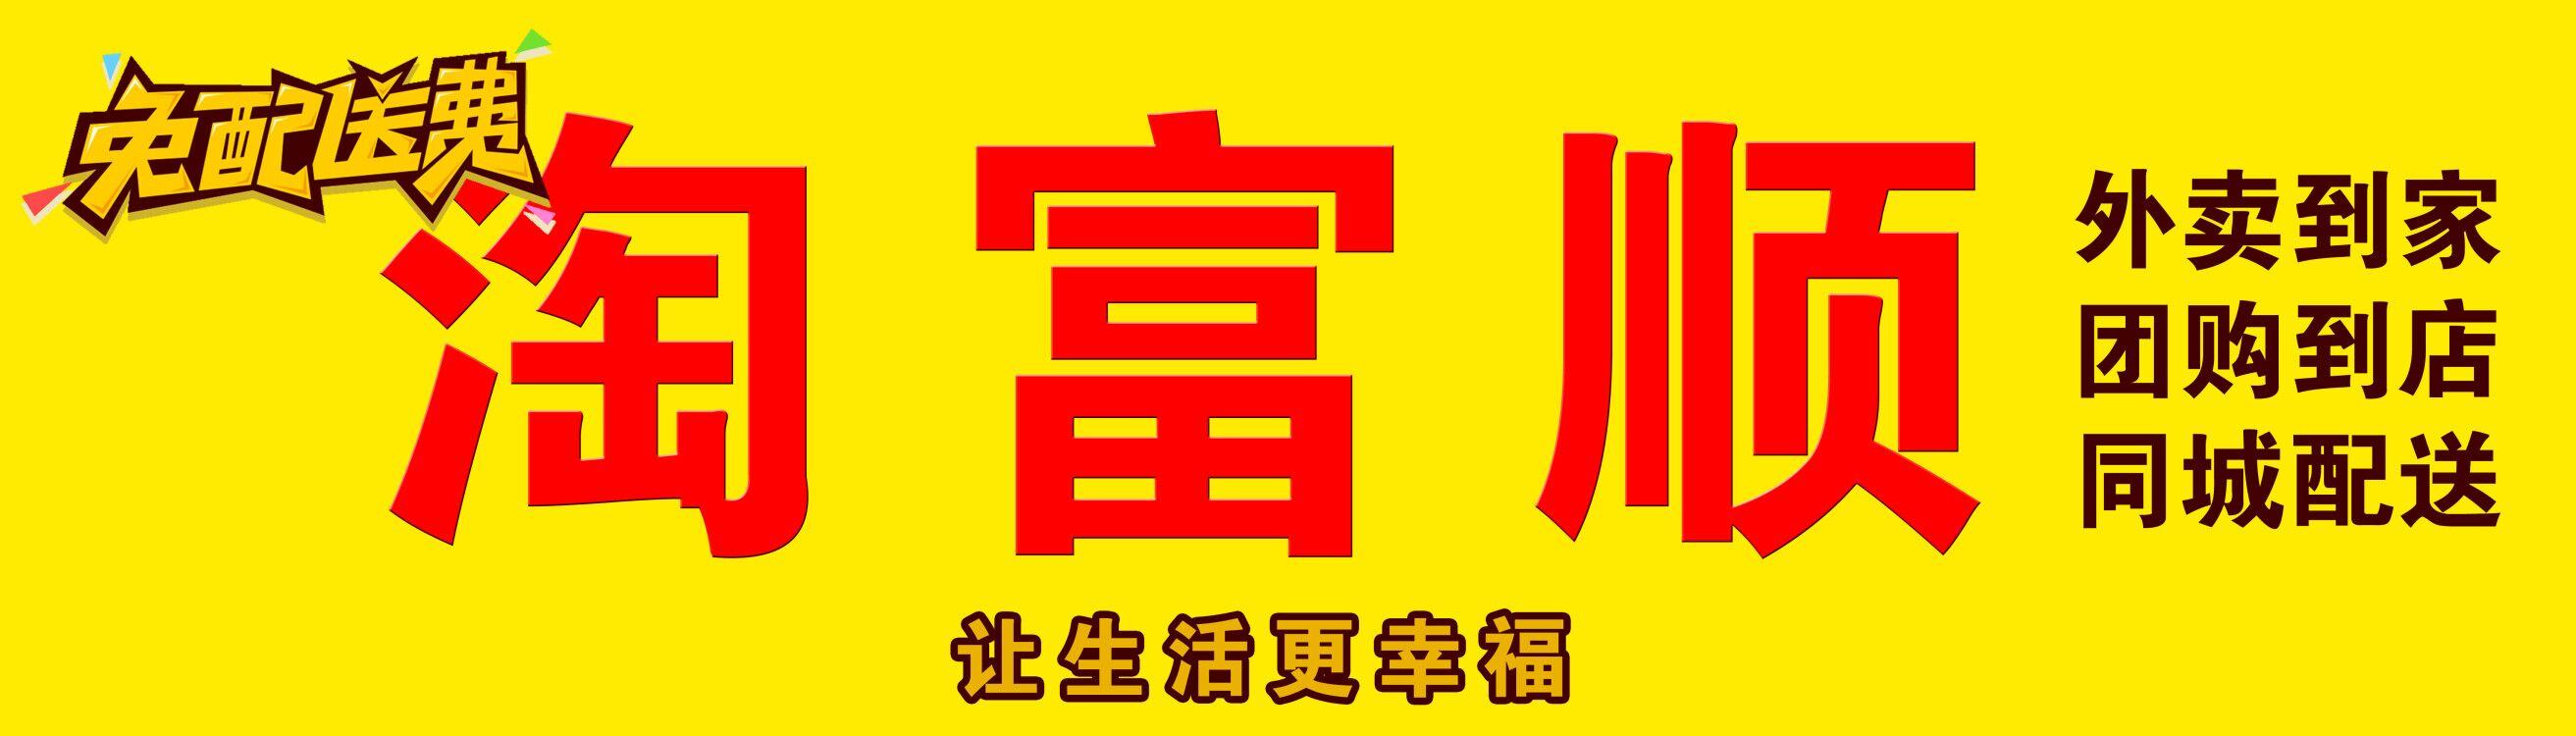 淘黑龙江快三app软件—主页-彩经_彩喜欢顺